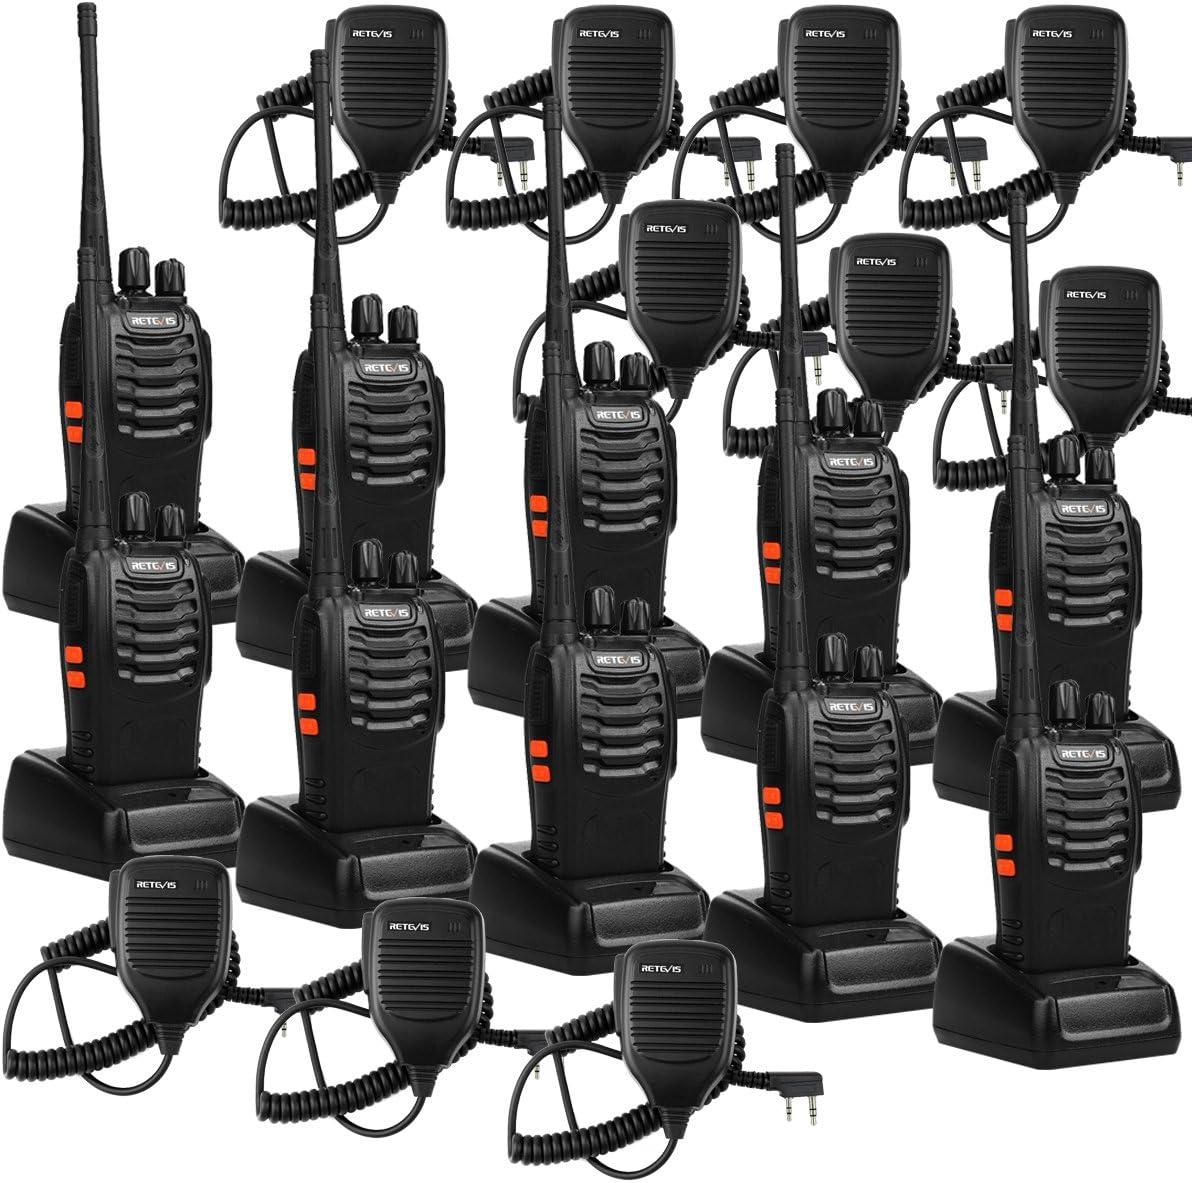 Retevis H-777 Walkie Talkie 16CH 2 Way Radio Handheld Radio VOX Radio Long Range Two Way Radio with Speaker Mic 10 Pack